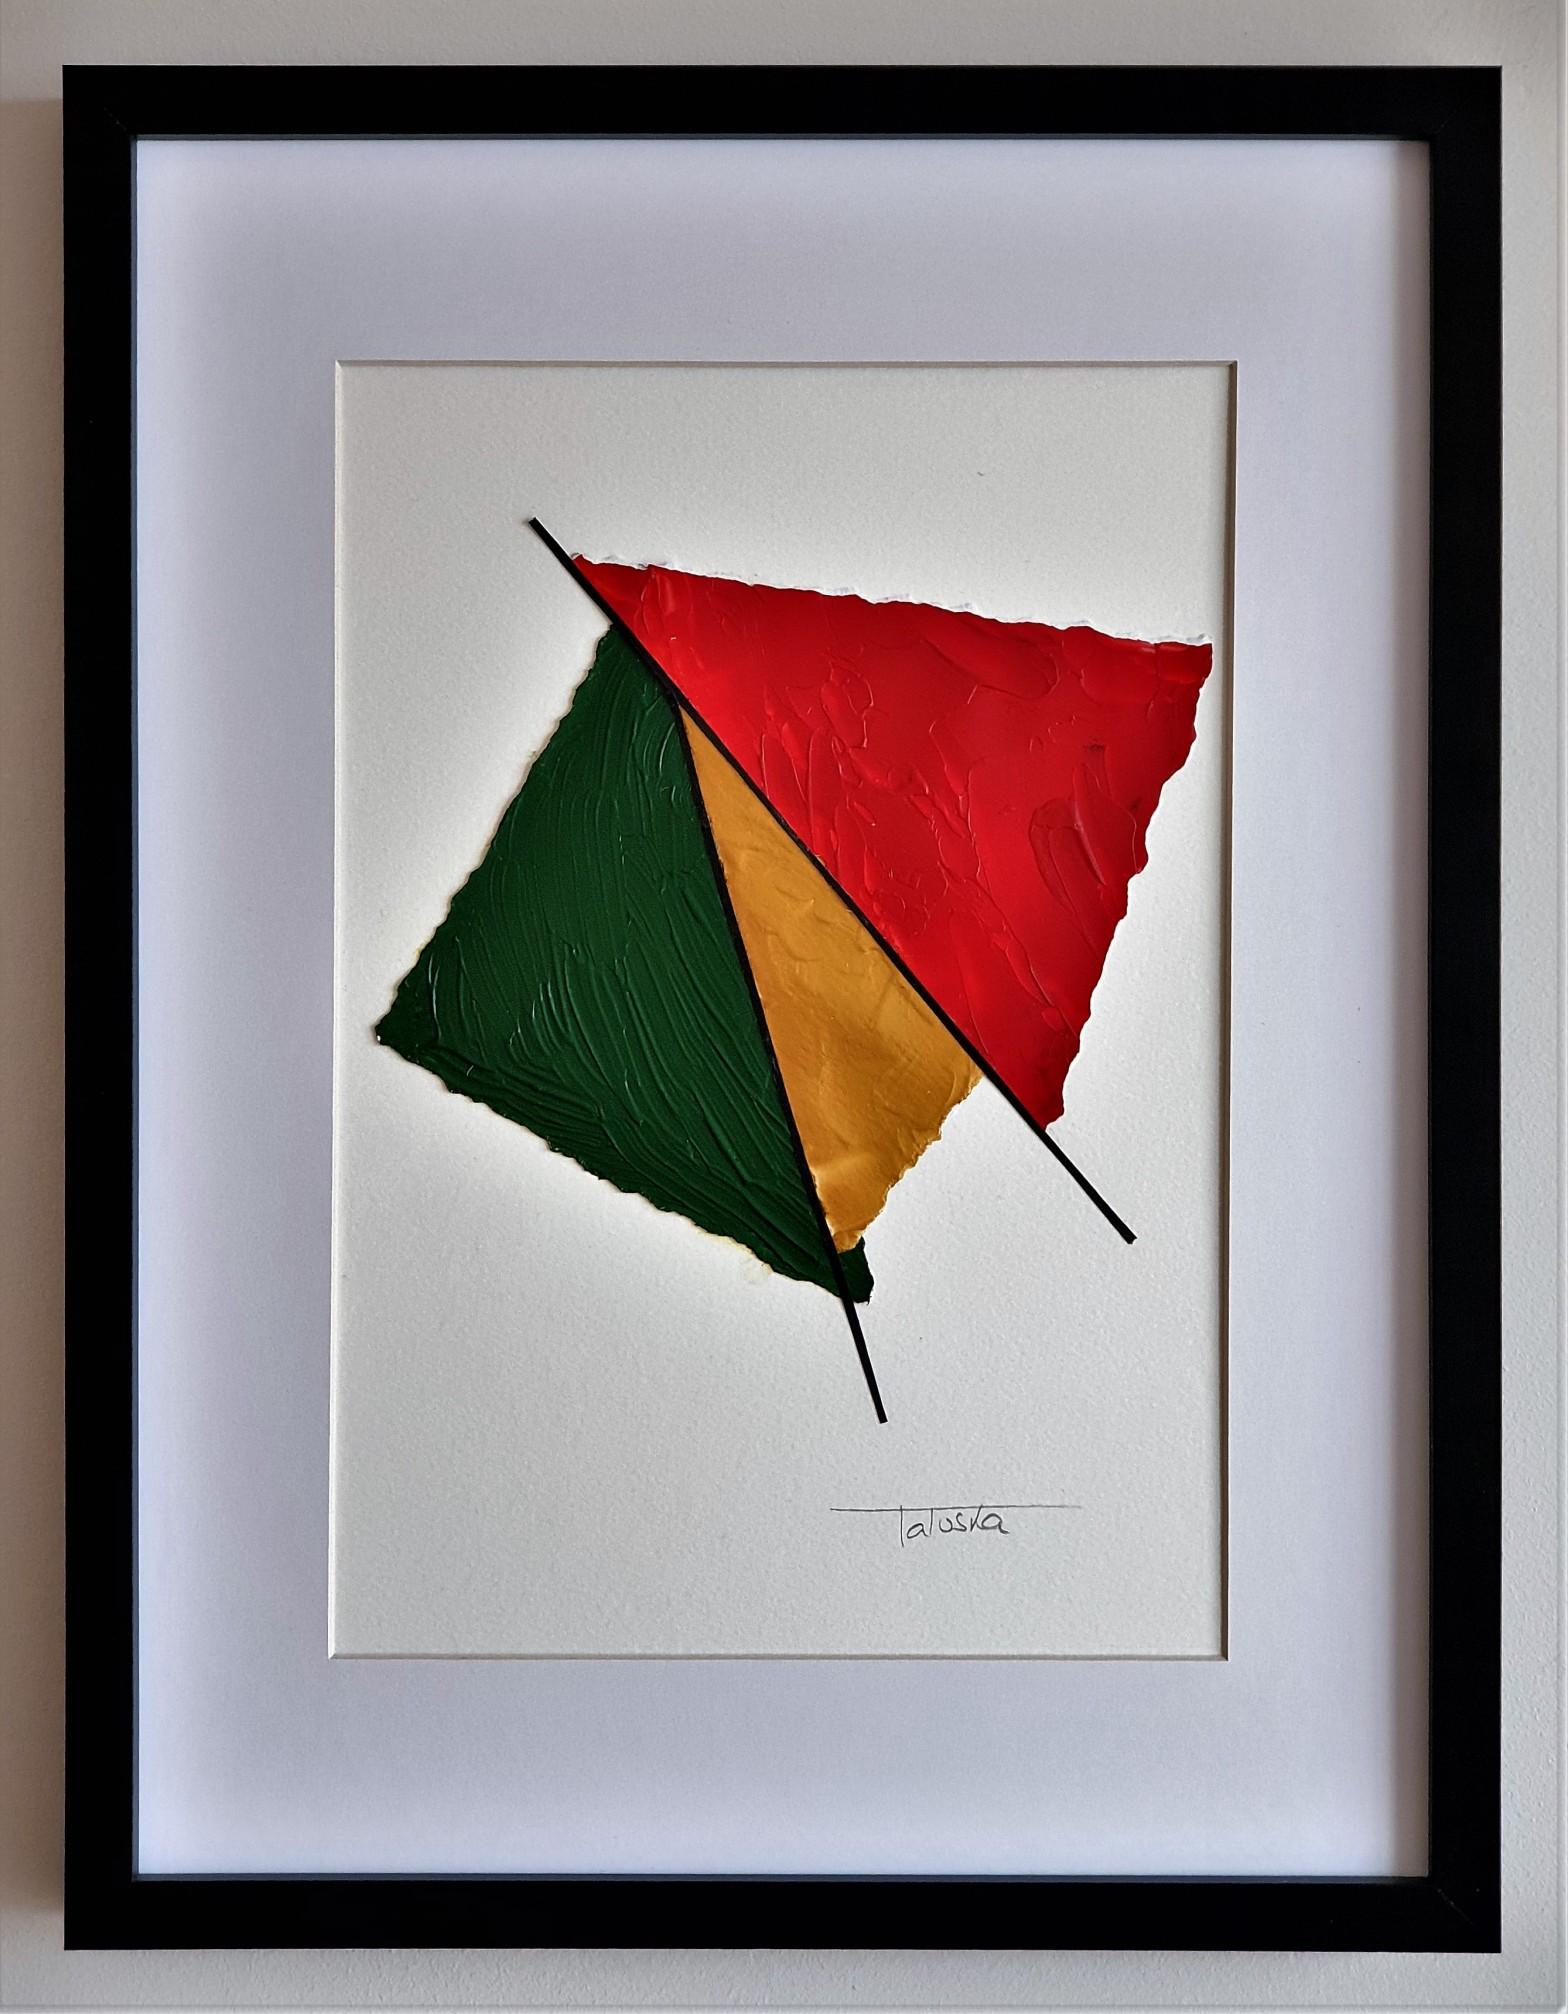 """Cuadro original de arte abstracto contemporáneo titulado """"Butterfly"""", obra de la artista Tatuska"""